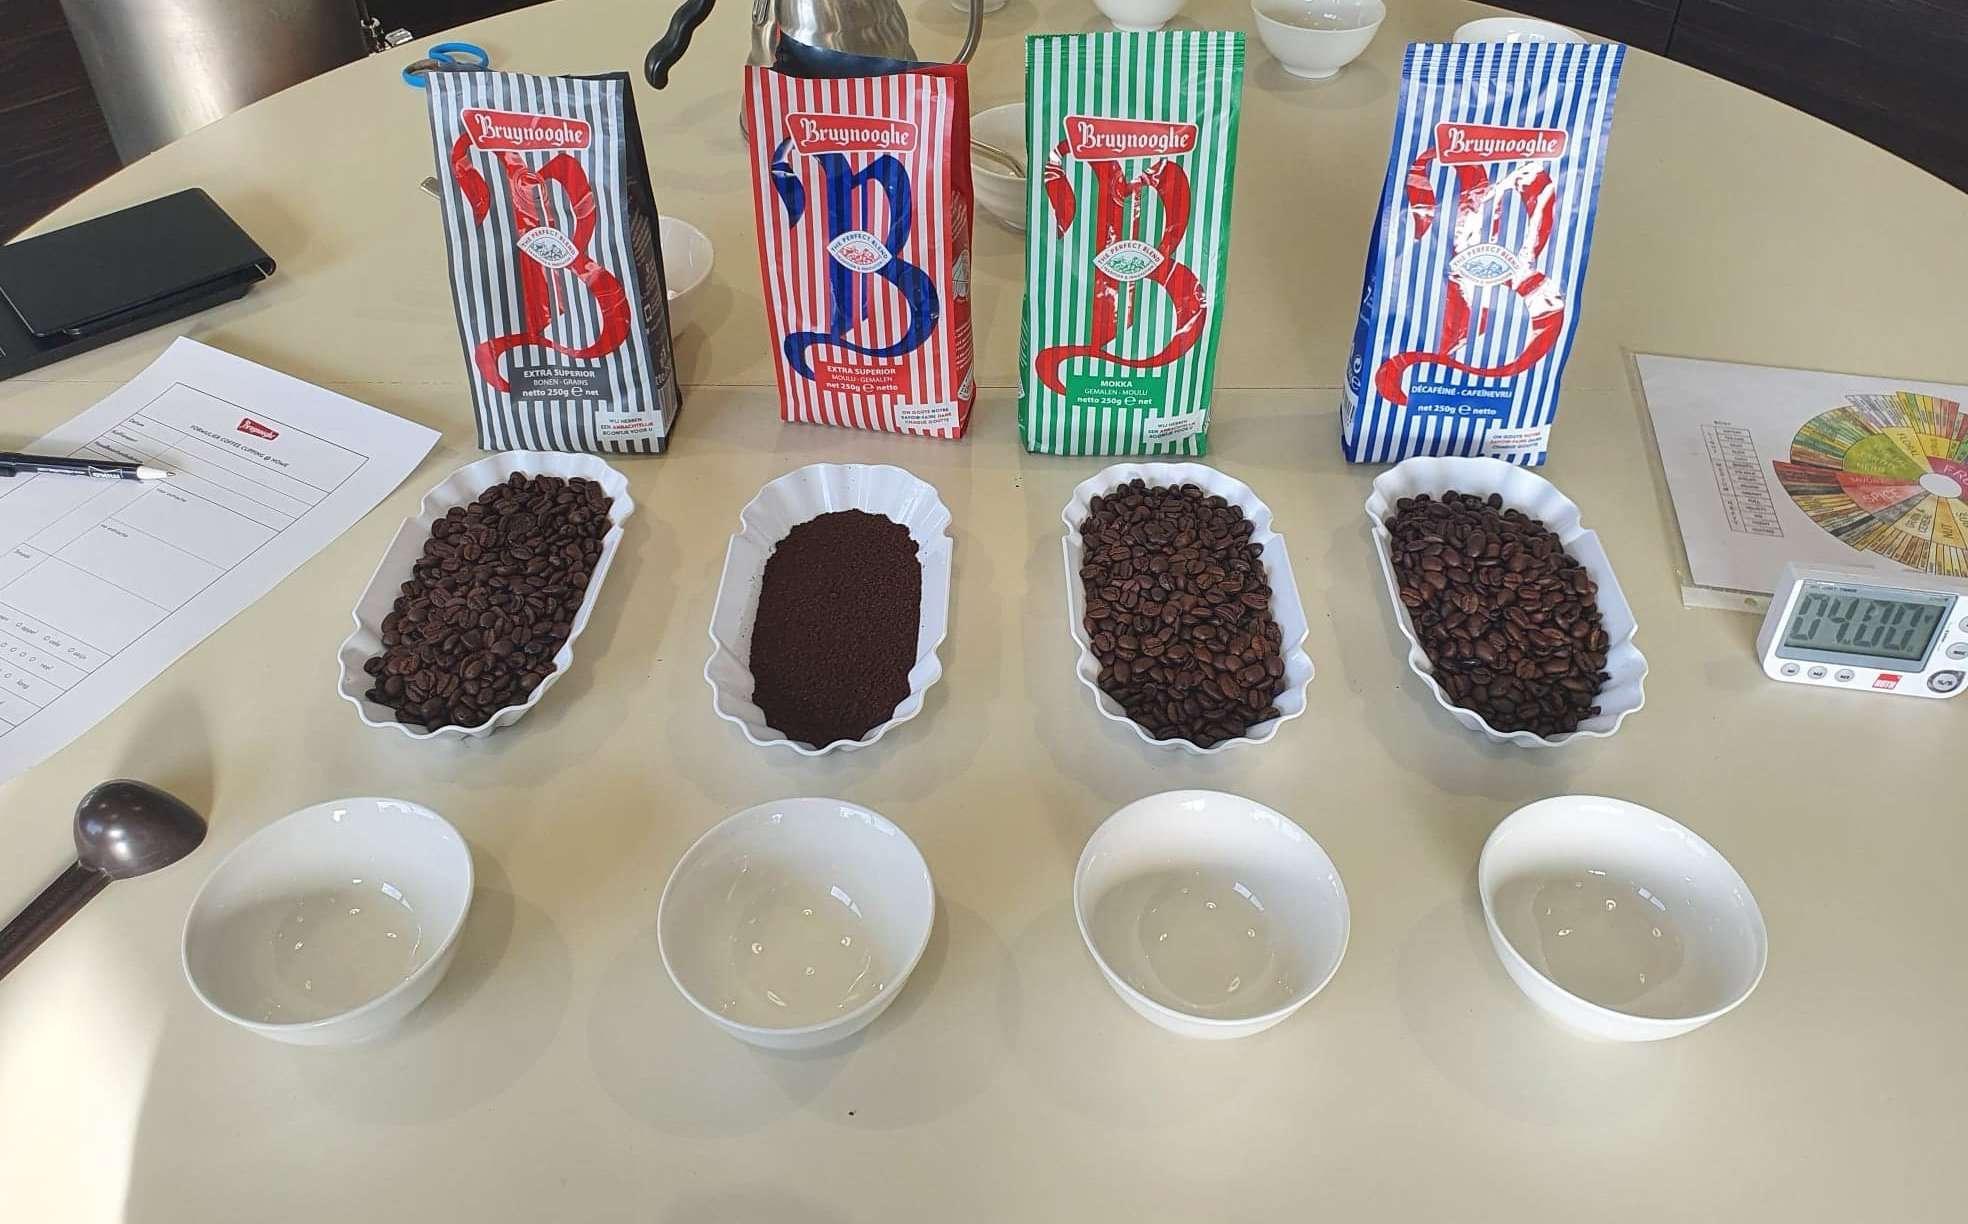 Zo organiseer je thuis een coffee cupping